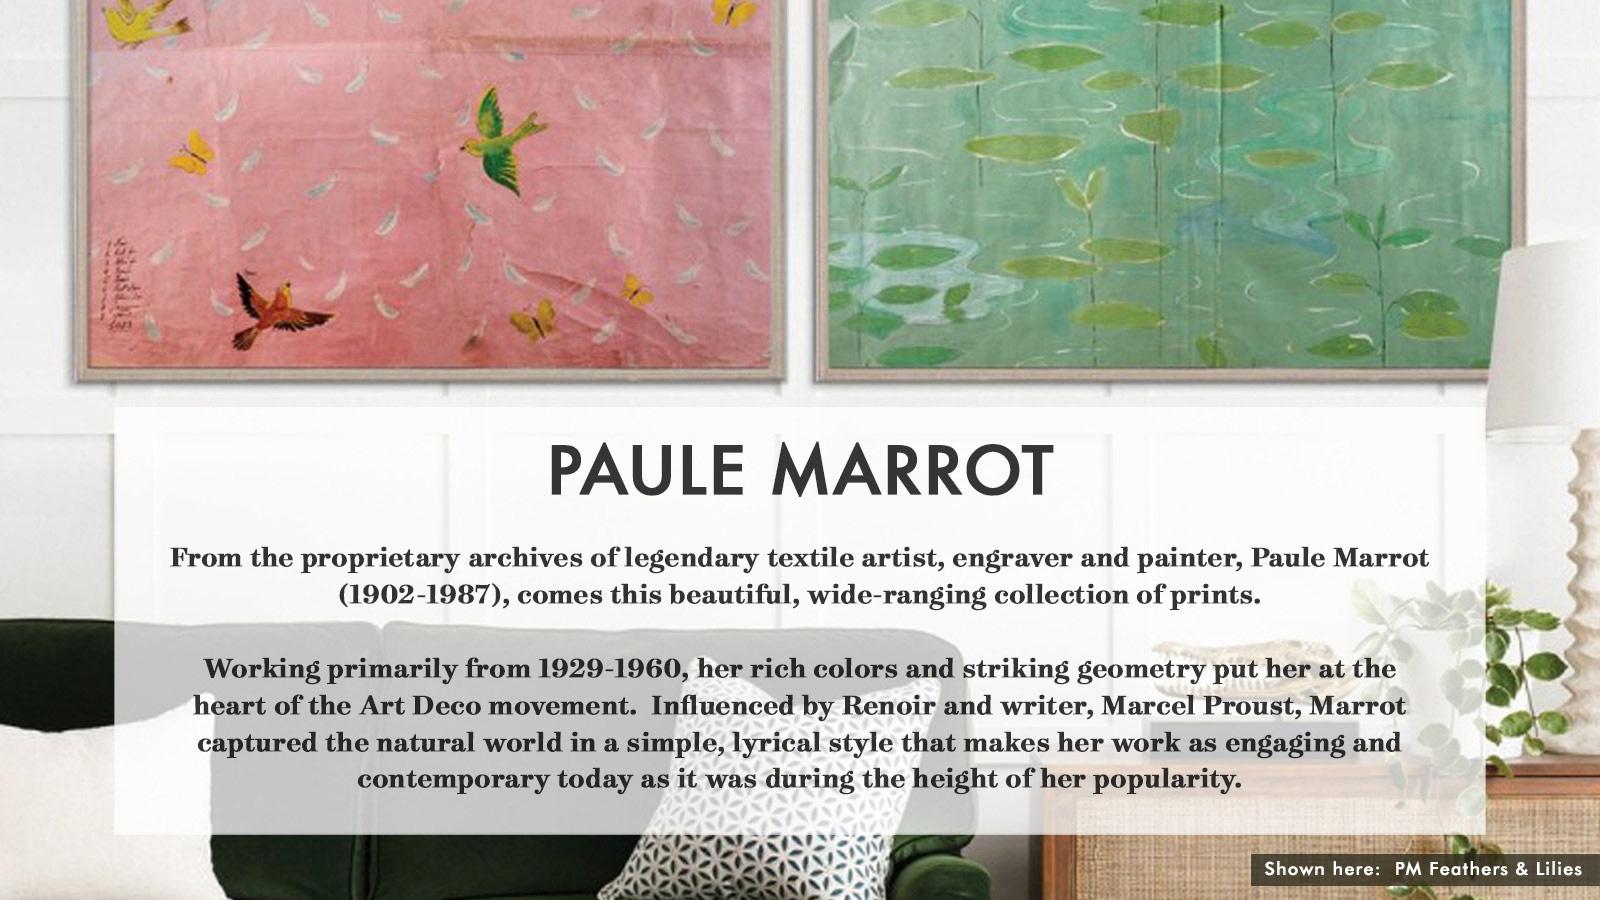 Green - Paule Marrot